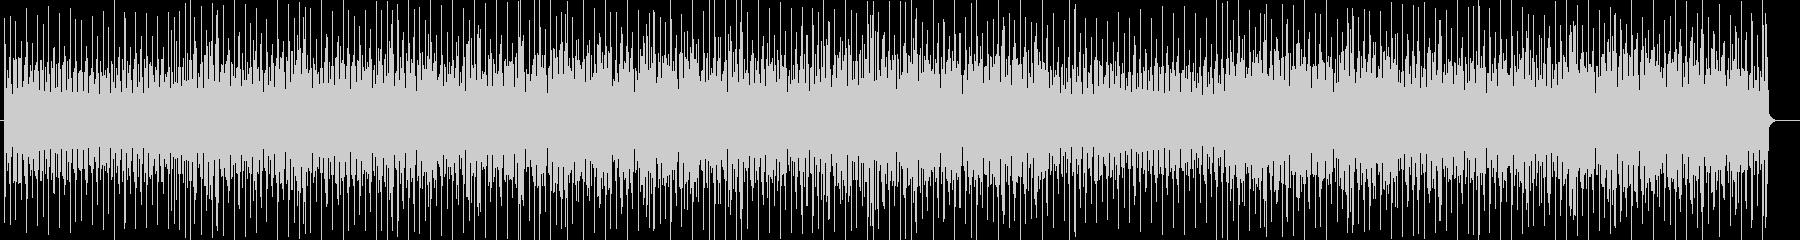 ゲームに合うコンピューターミュージックの未再生の波形